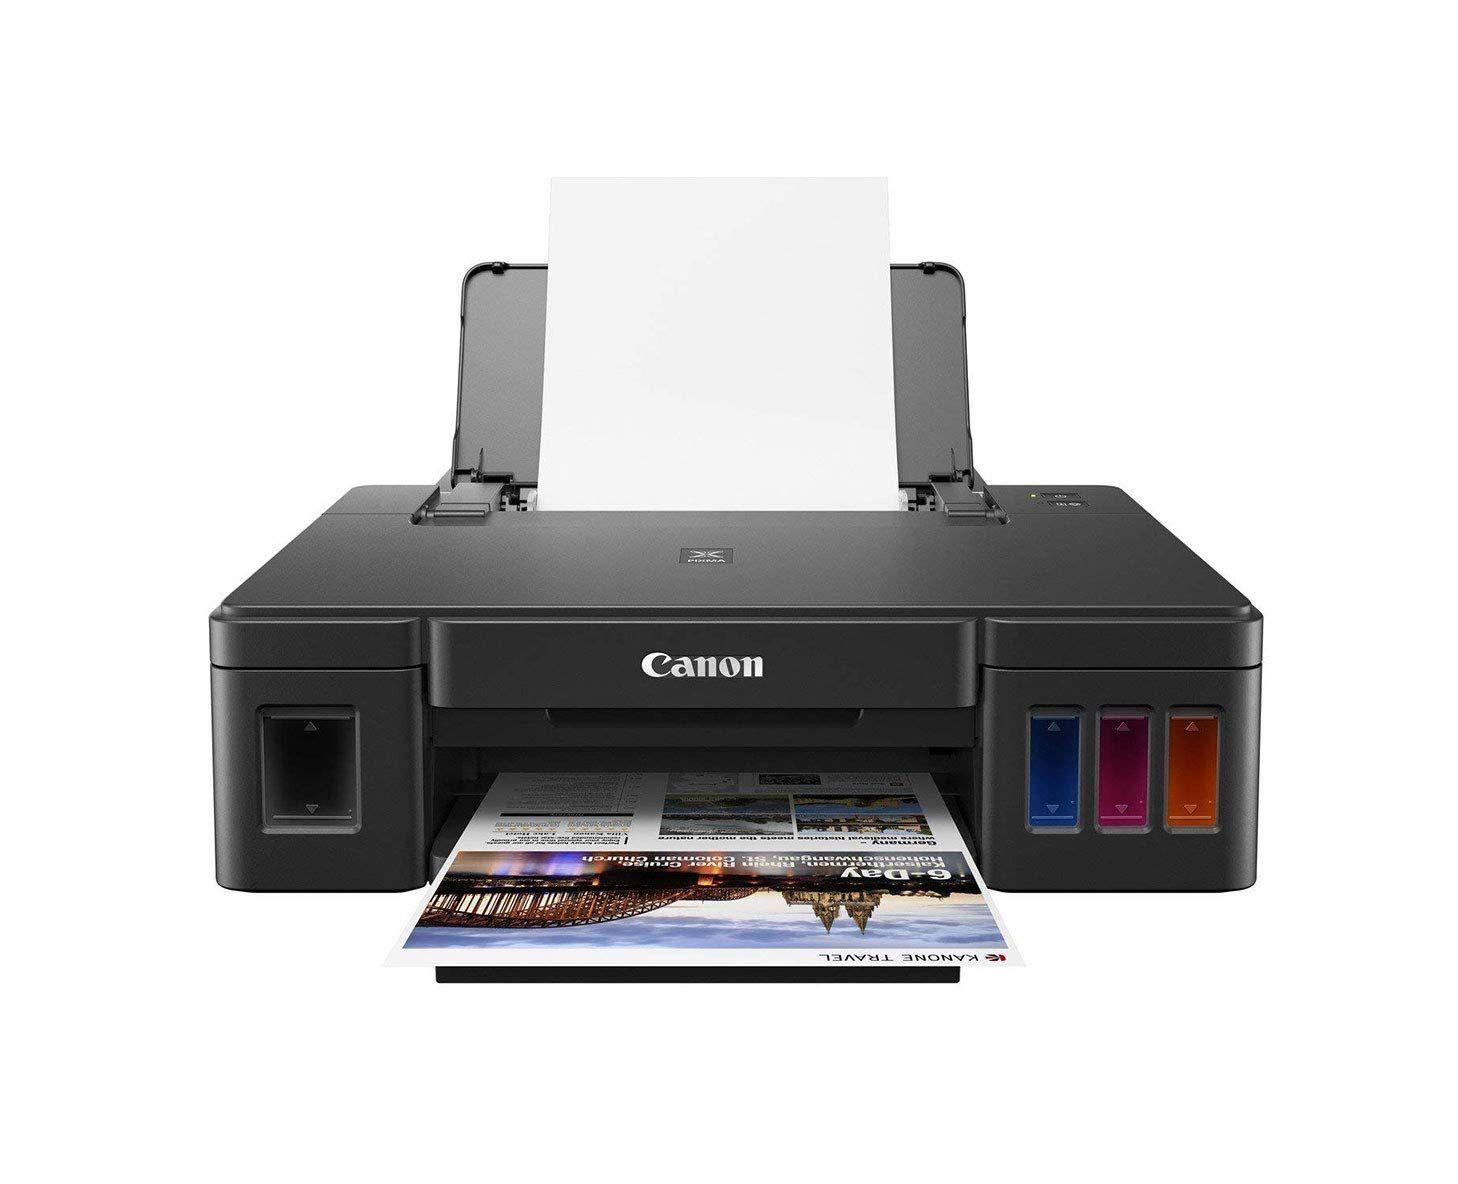 Máy in phun đa chức năng Canon pixma G3010 uy tín tại toannhan.com